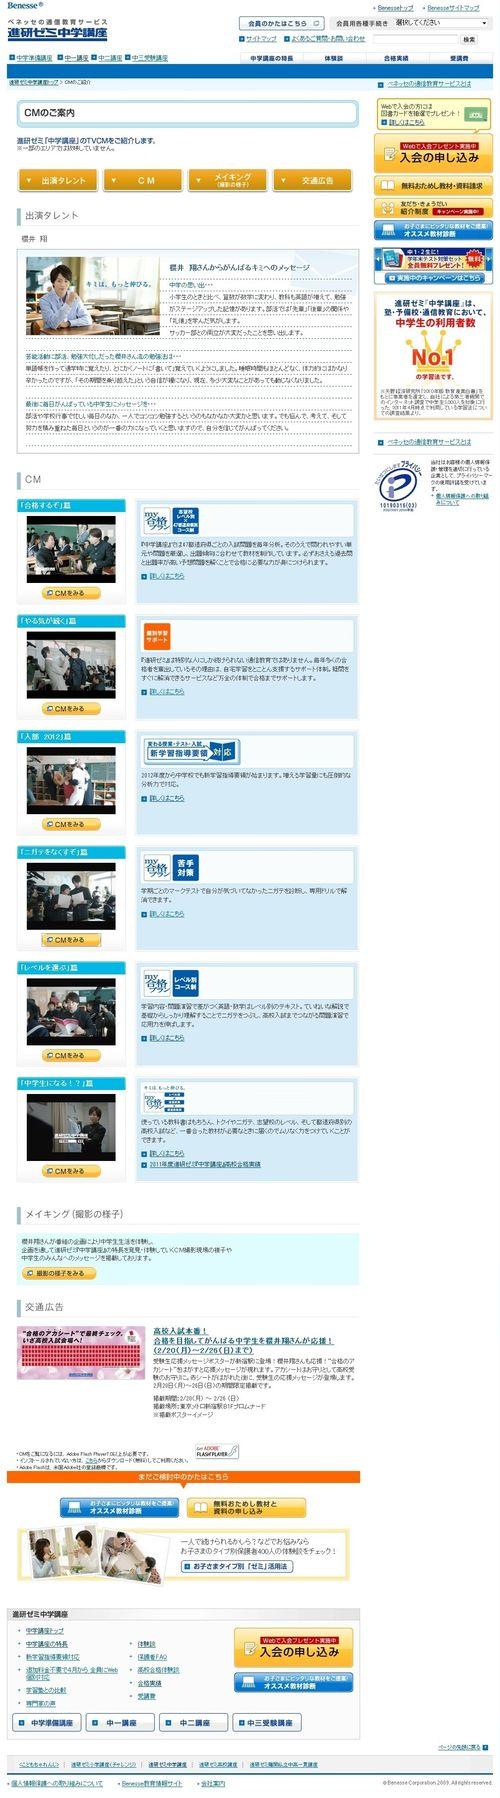 2012.02.19 PUB BENESSE 02